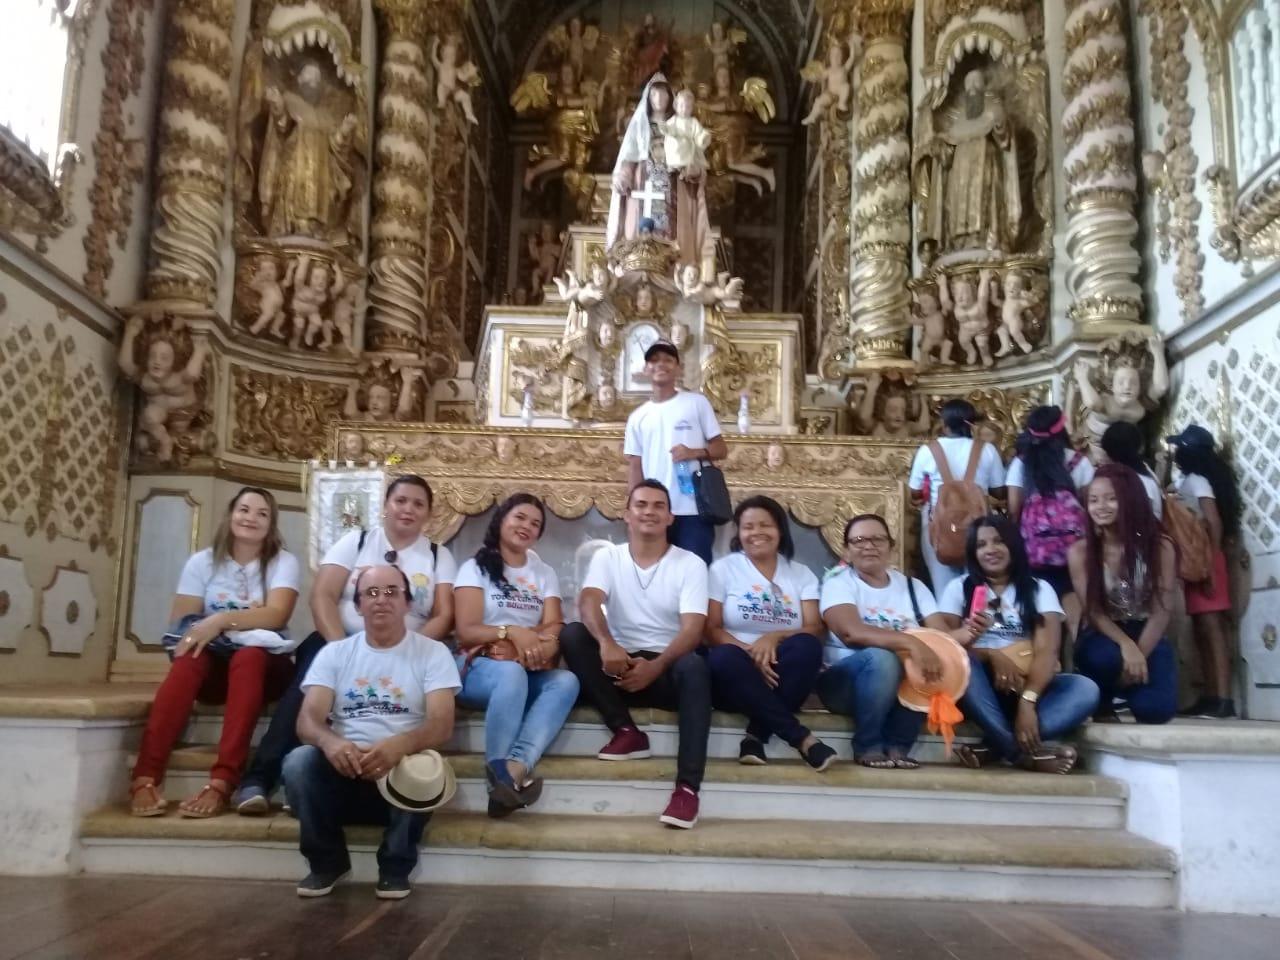 EDUCAÇÃO – Escola Municipal Pedro Lobato proporciona aos alunos passeio a pontos turísticos da cida